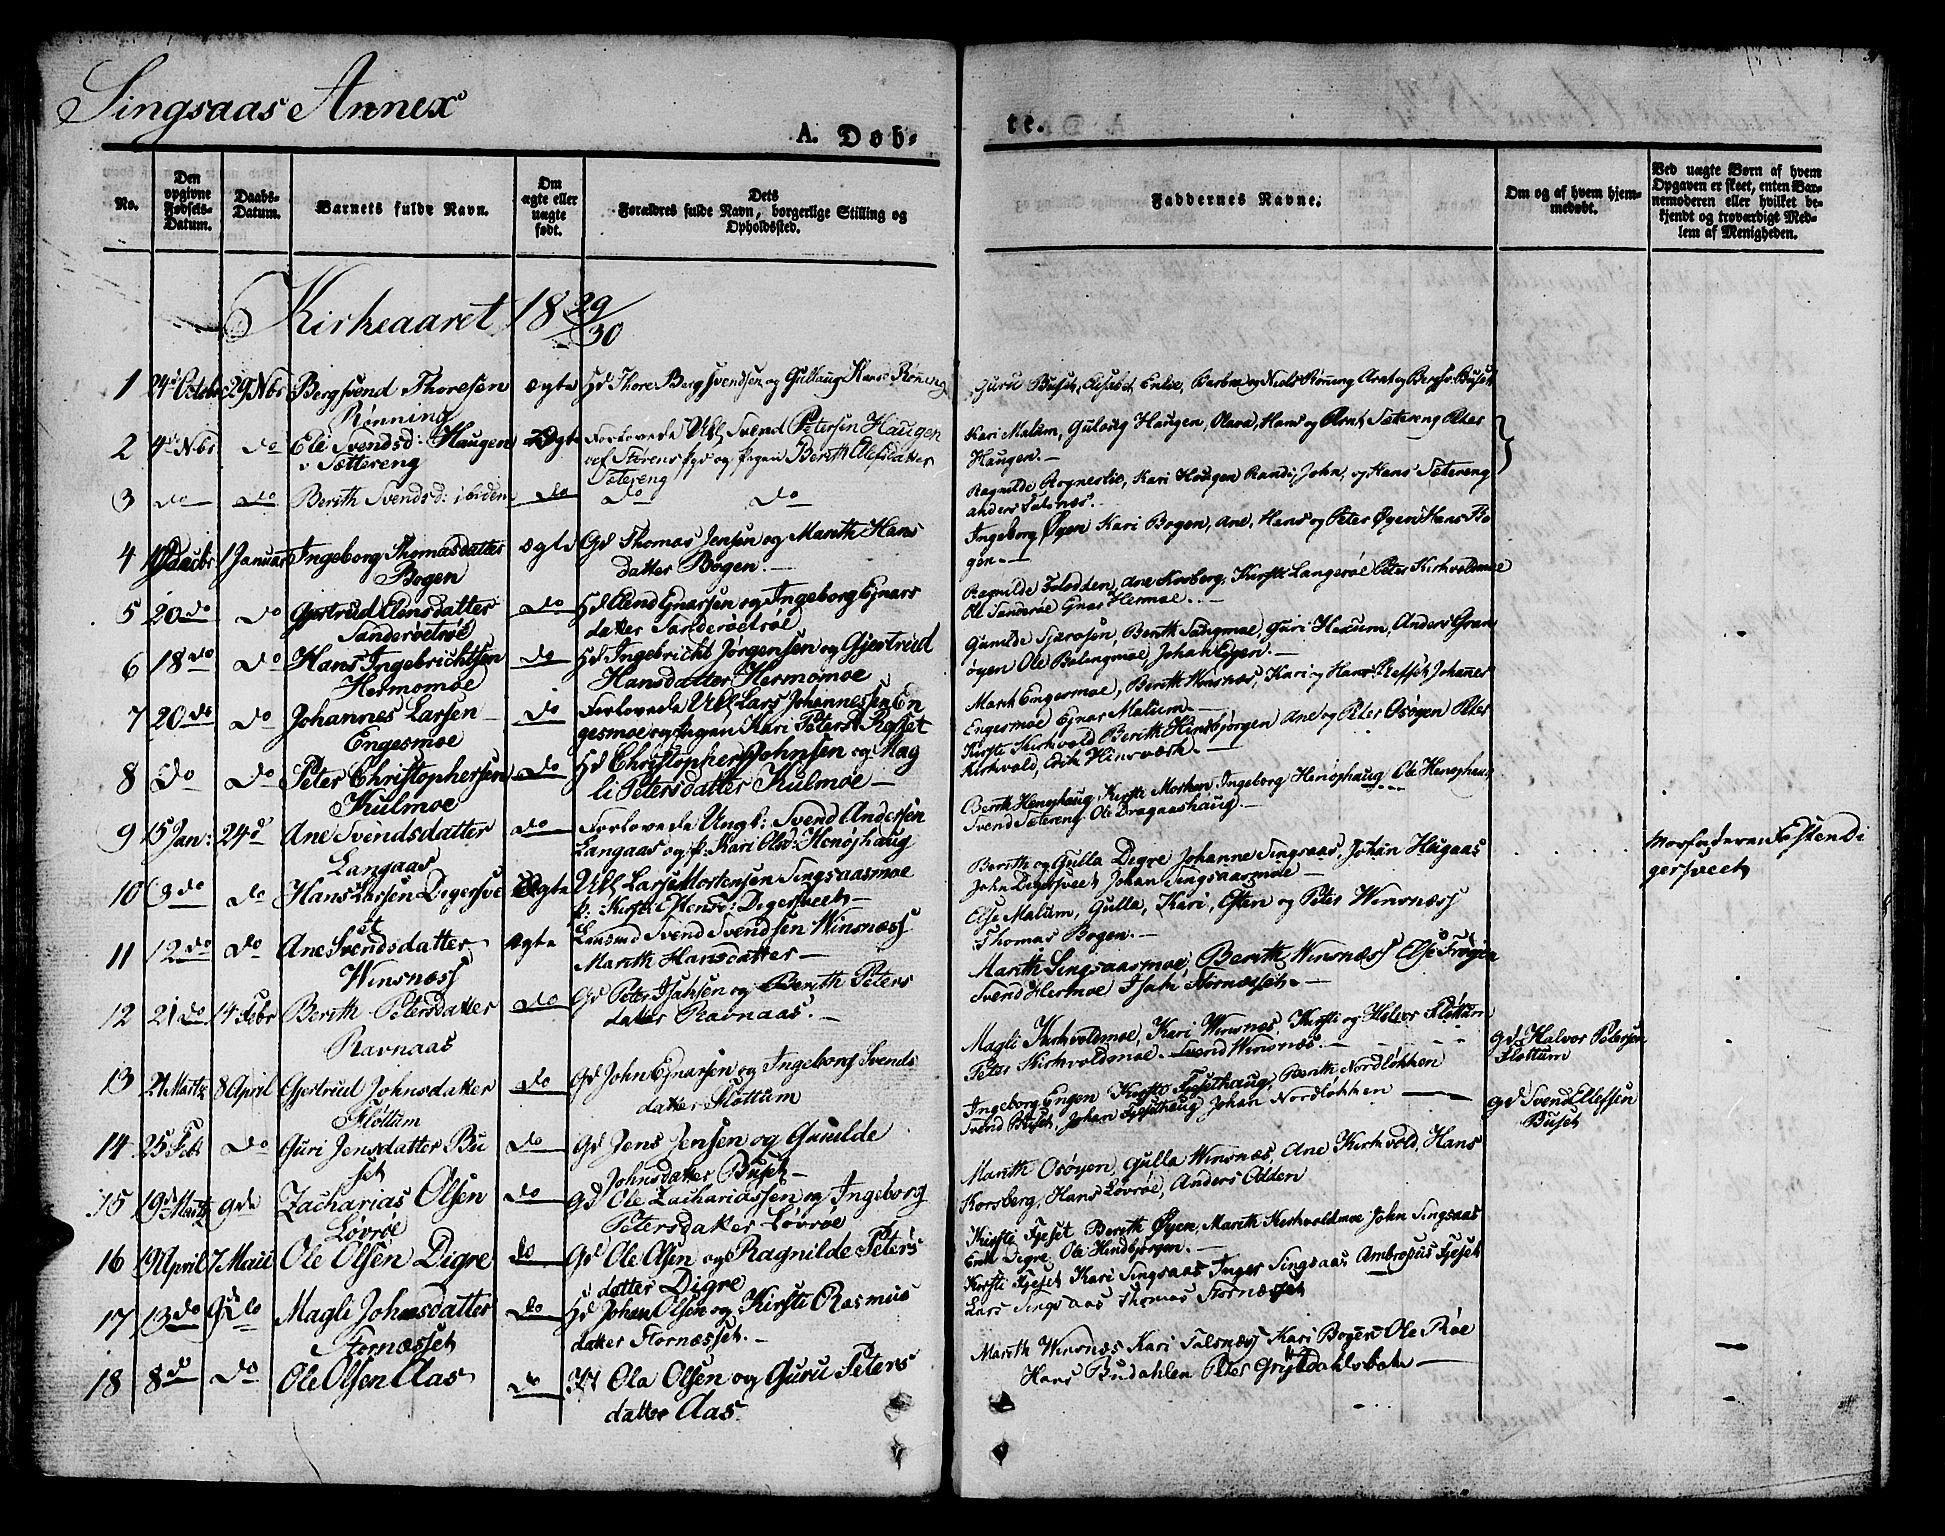 SAT, Ministerialprotokoller, klokkerbøker og fødselsregistre - Sør-Trøndelag, 685/L0958: Ministerialbok nr. 685A04 /2, 1829-1845, s. 31